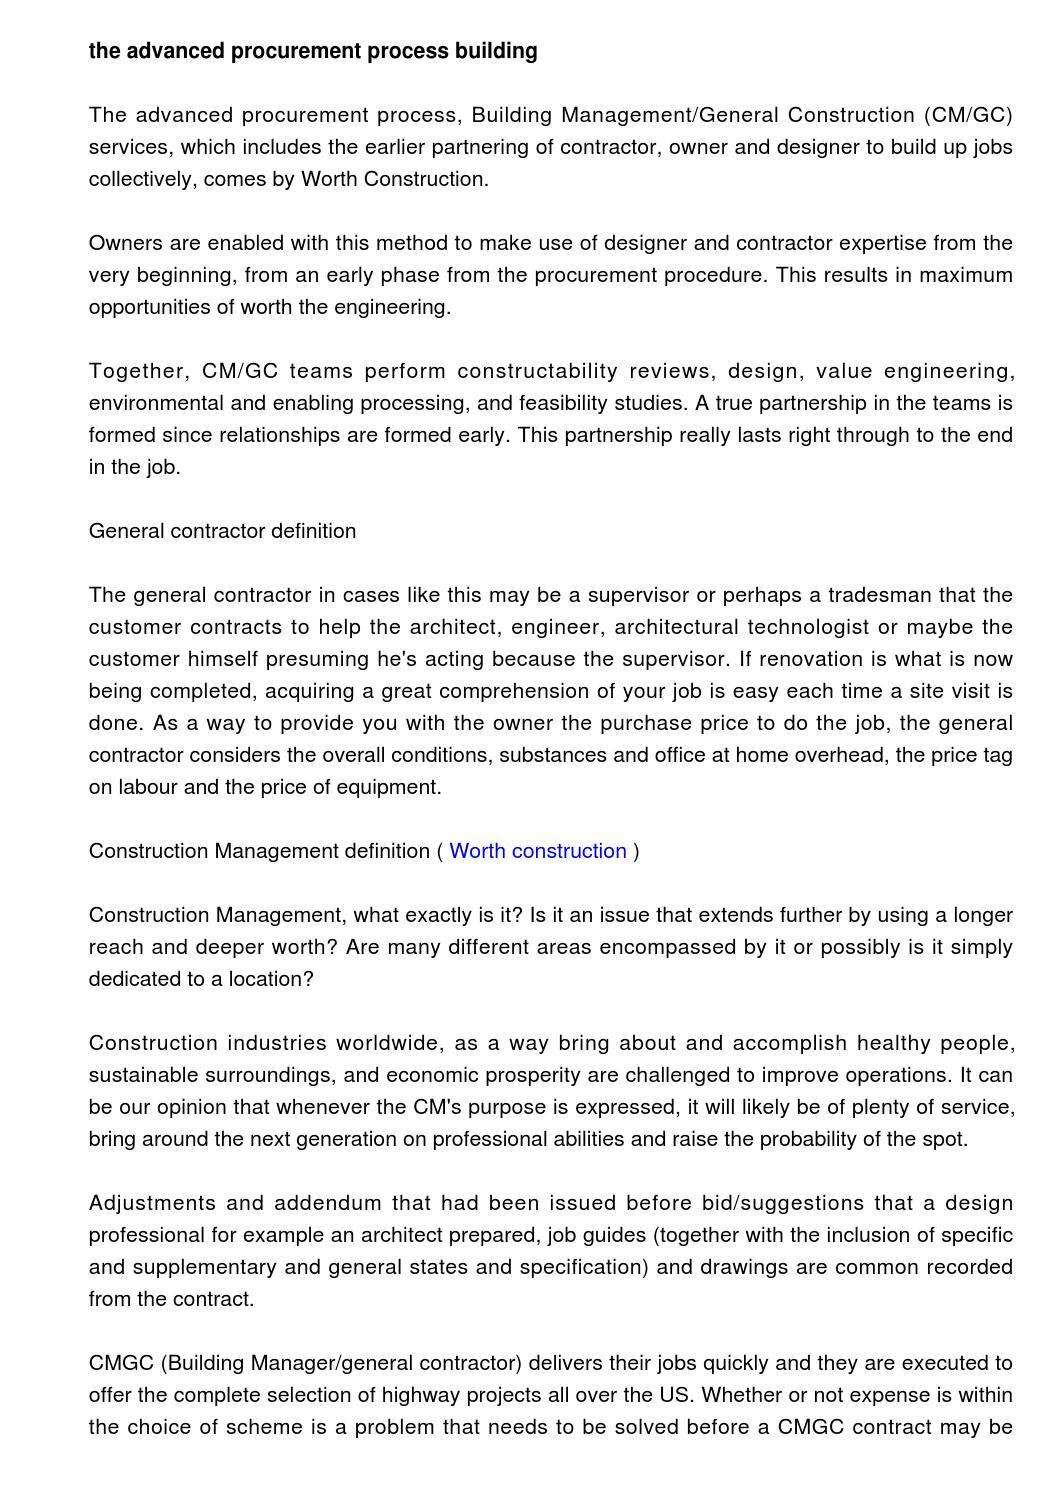 the advanced procurement process, building management/general